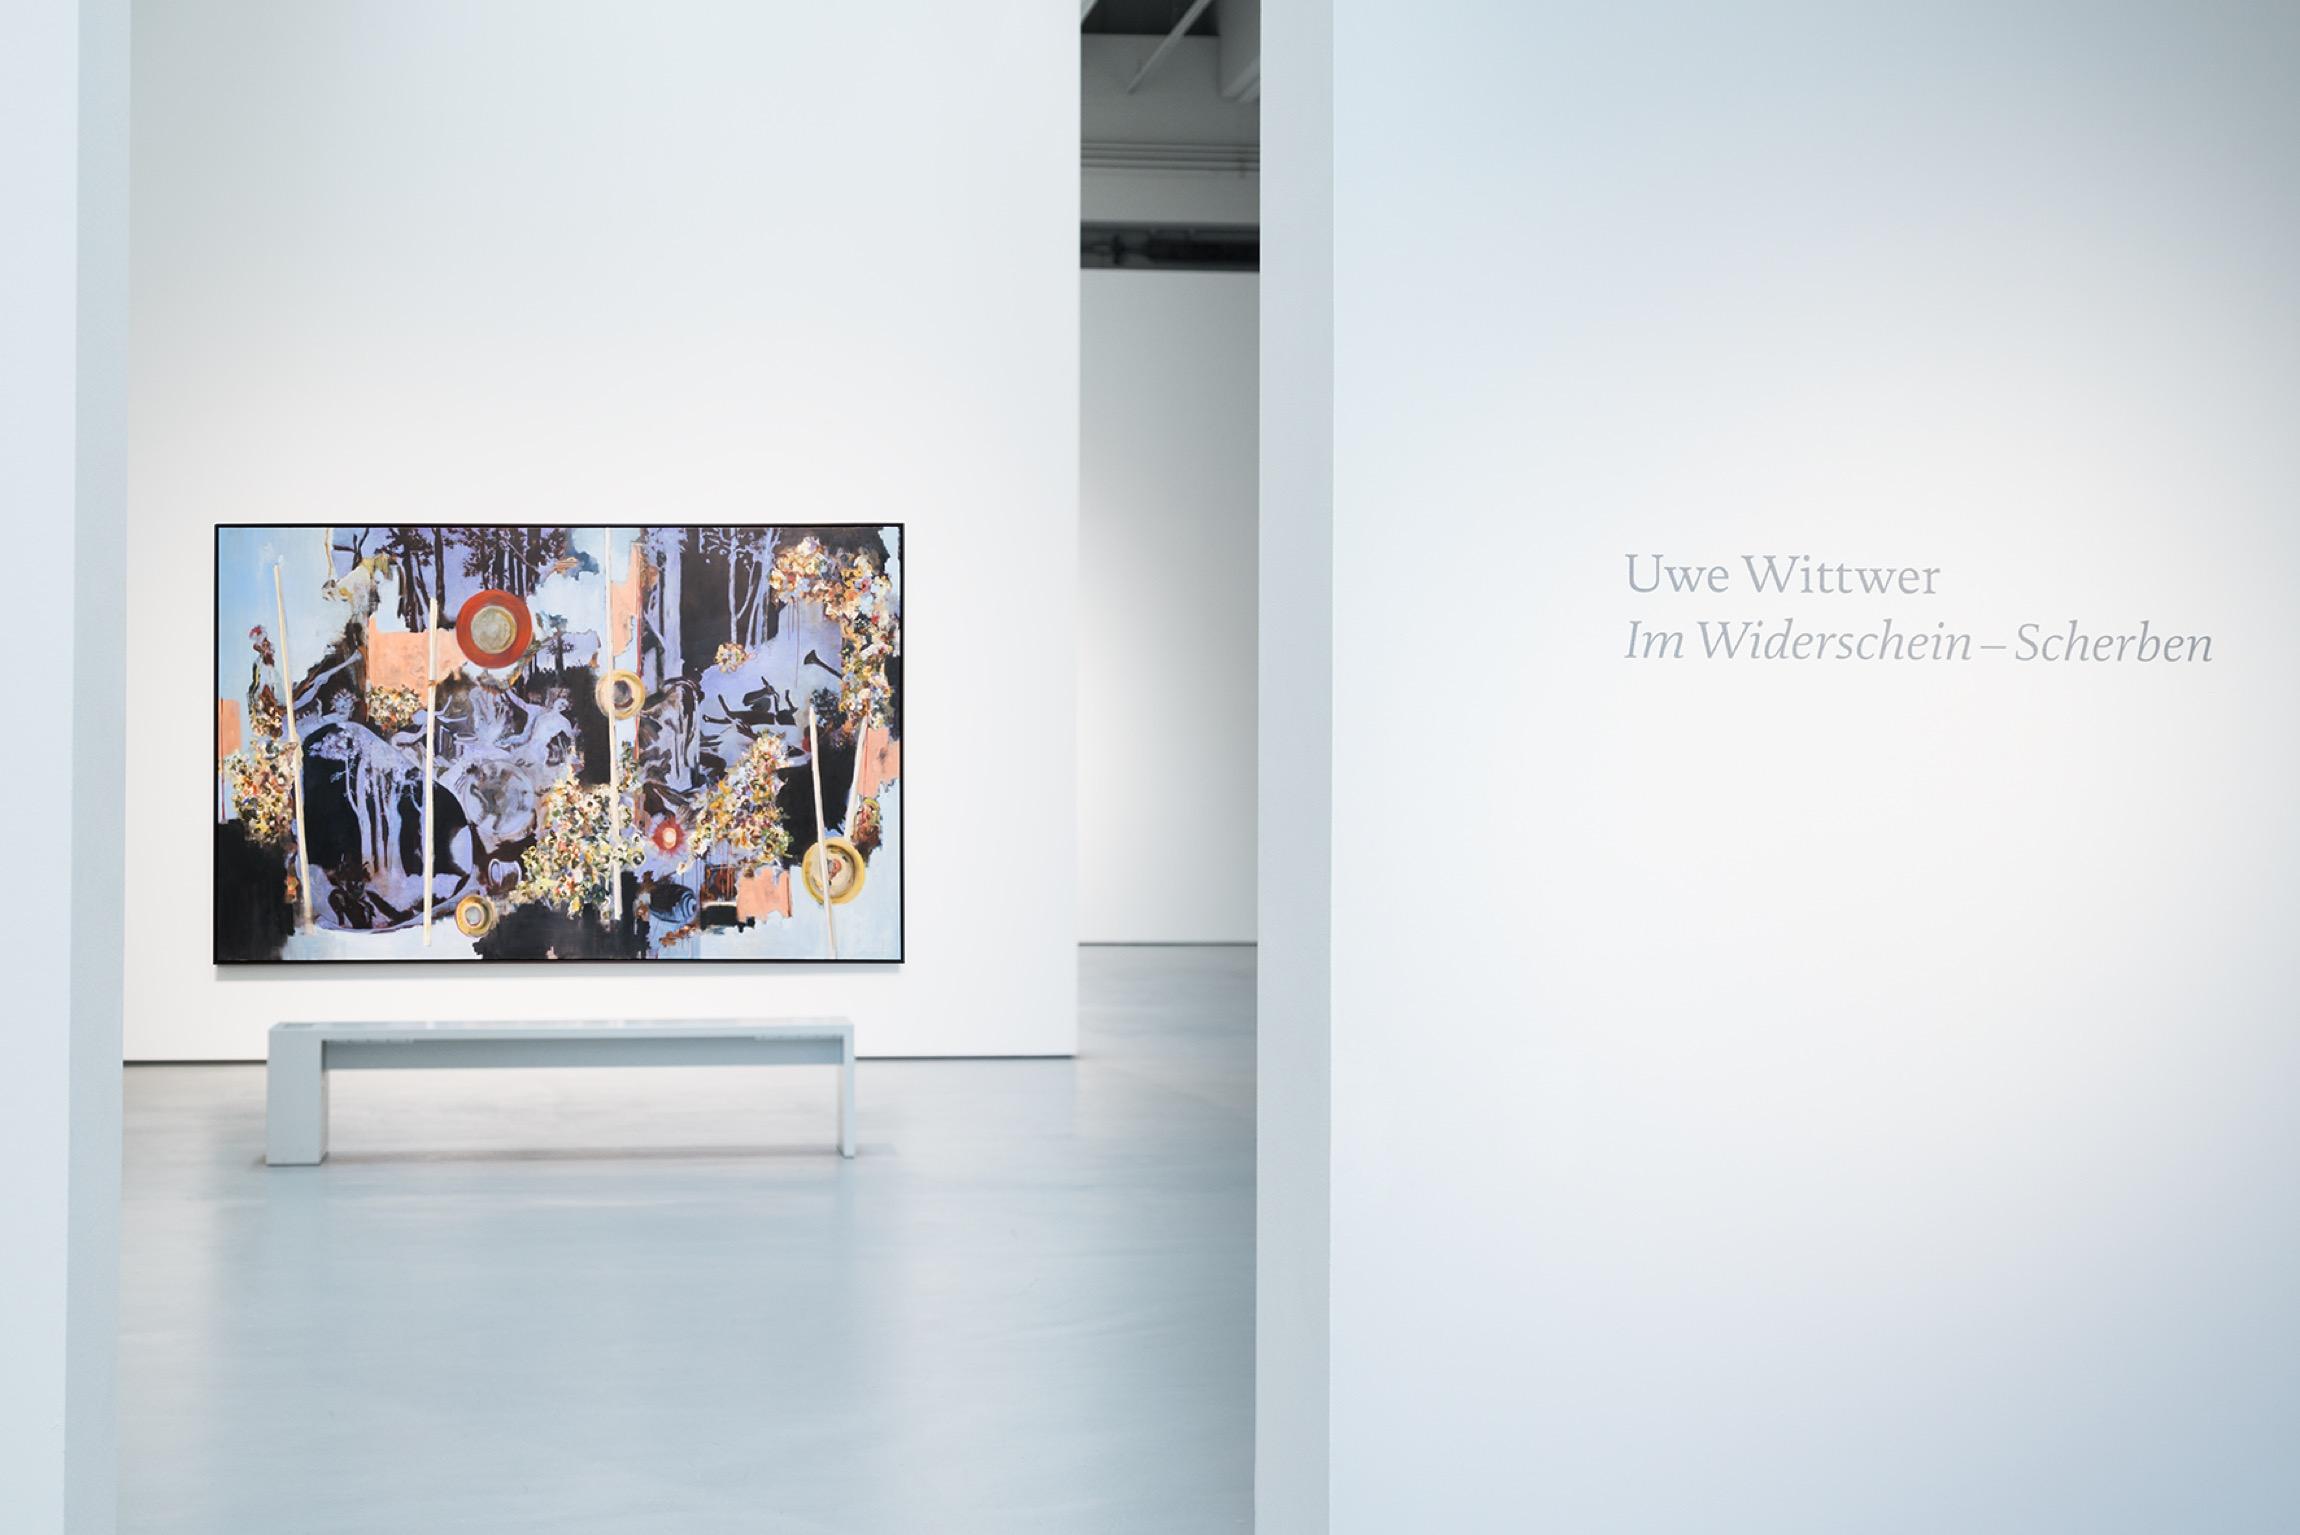 2016 Uwe Wittwer Im Widerschein —Scherben